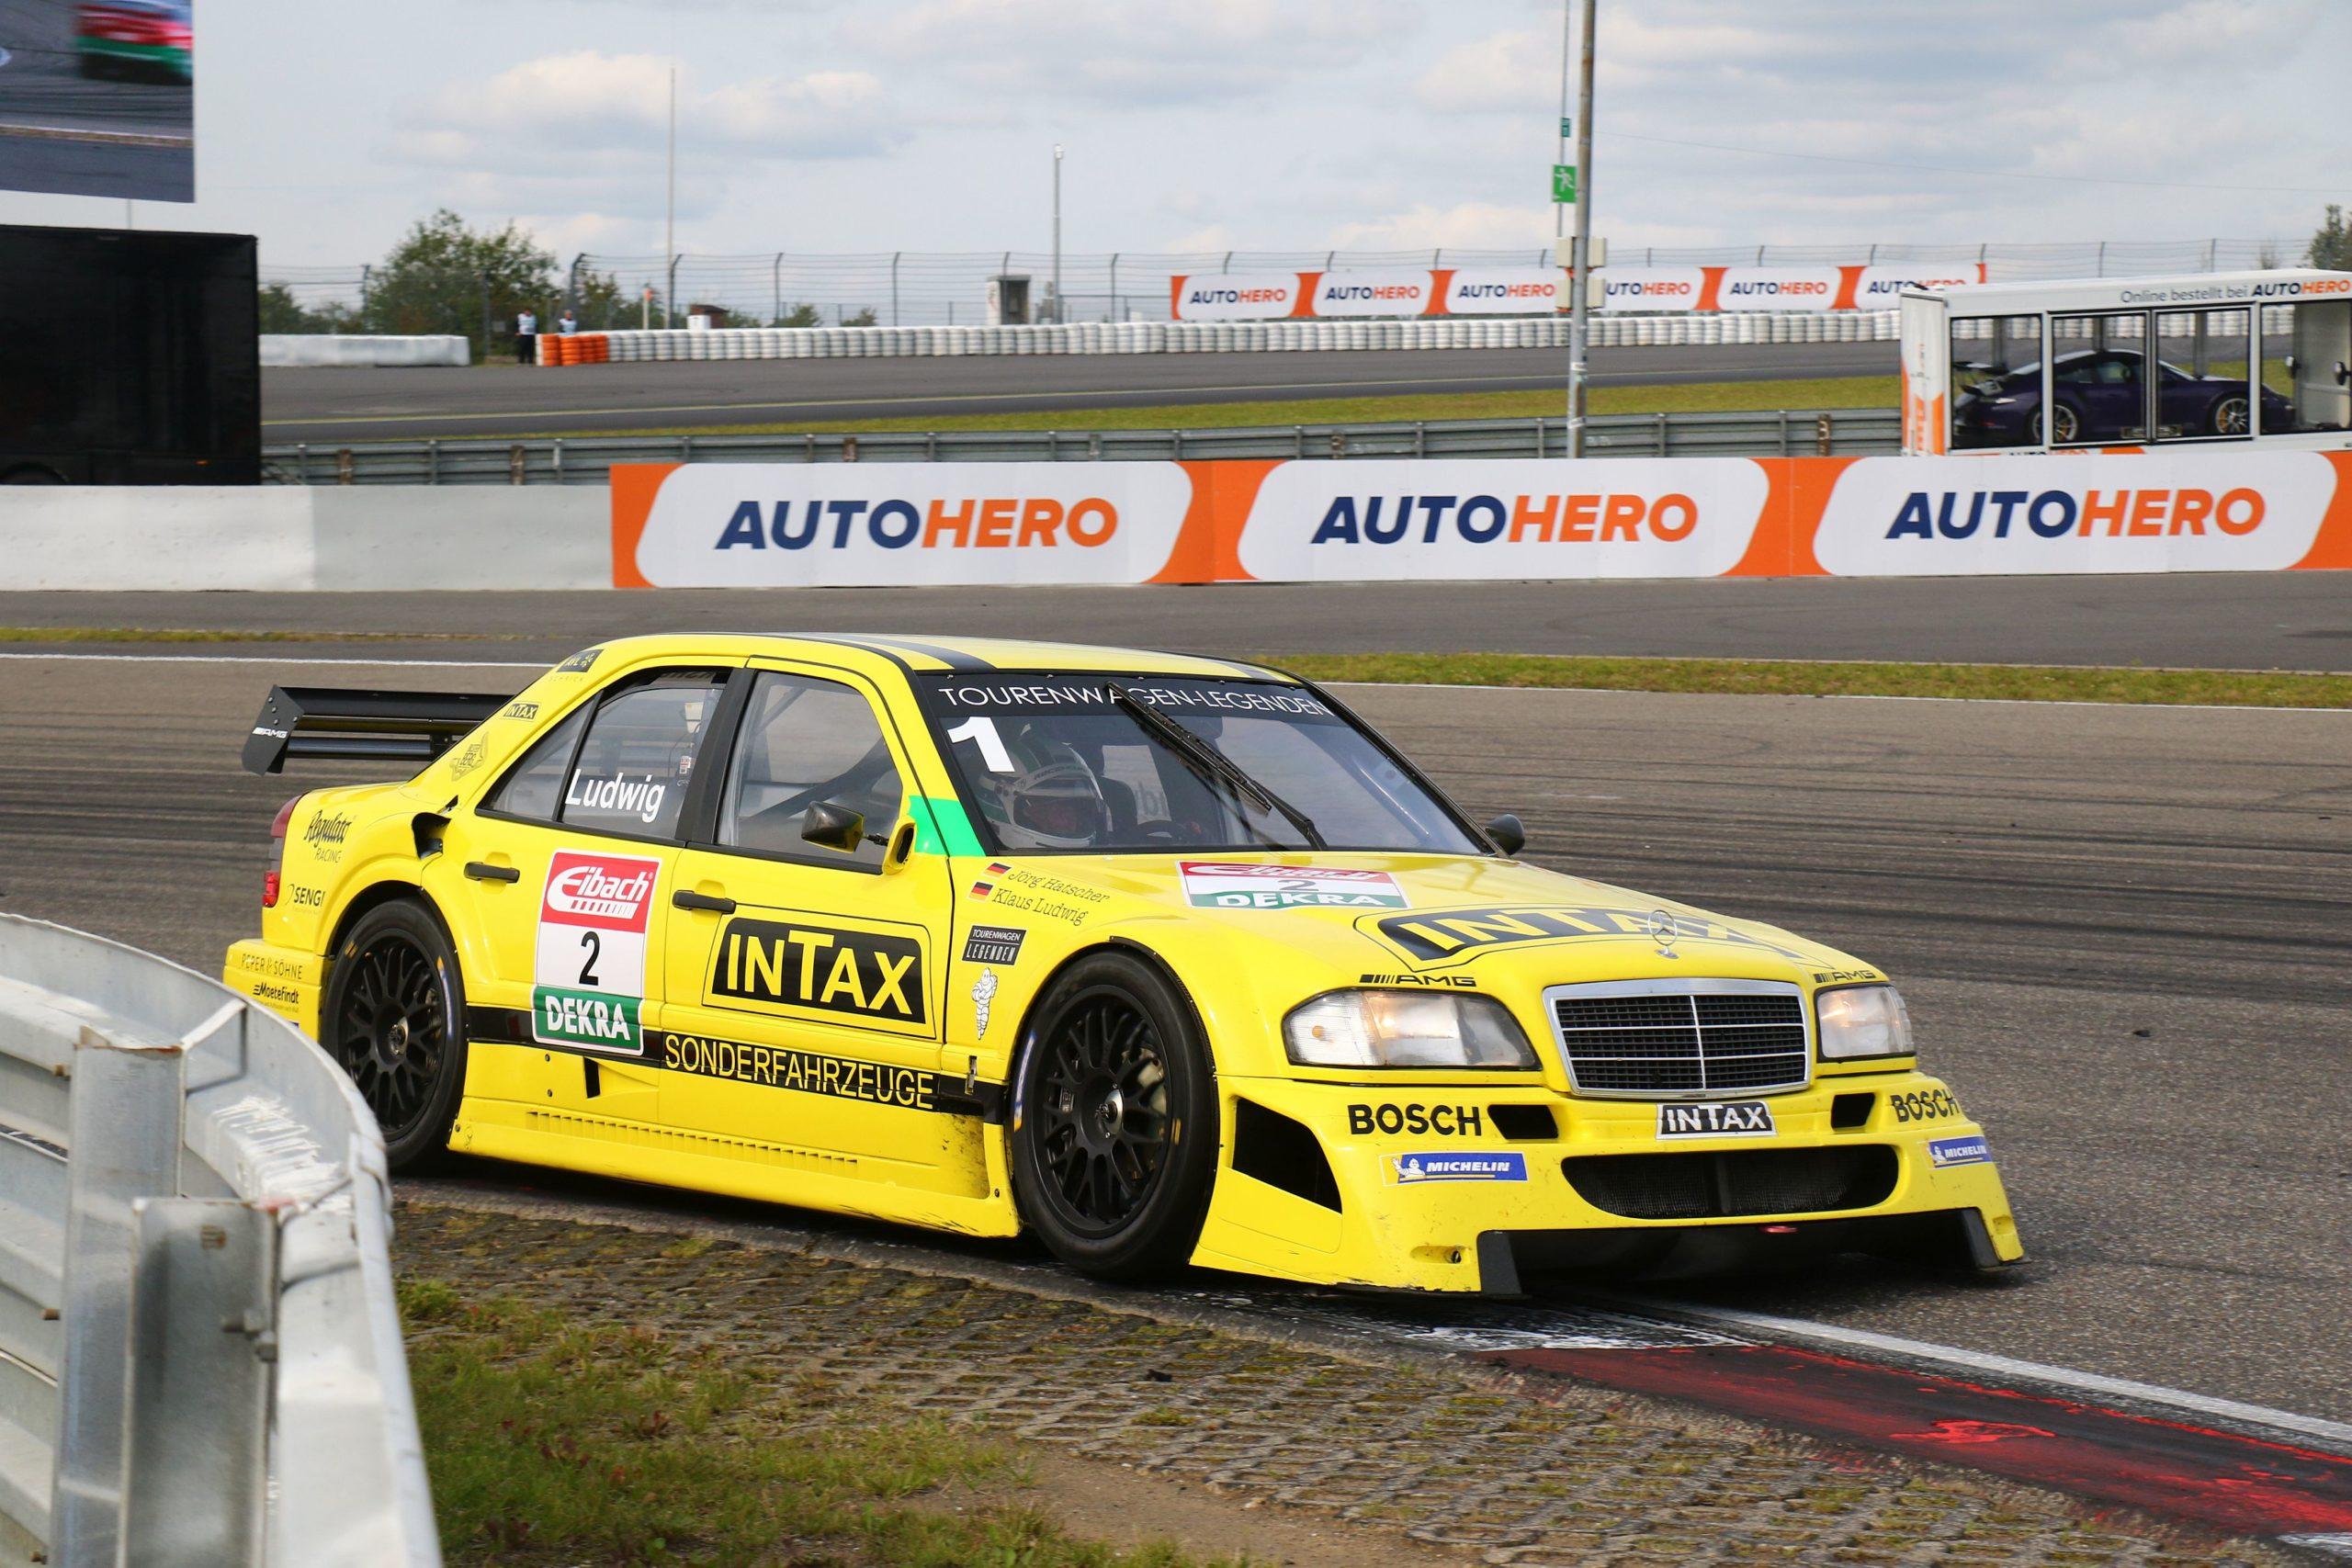 2021-DTM-Classic-Nuerburgring-tst-sport-und-technik-Mercedes-Benz-C-Klasse-Klaus-Ludwig-2117064